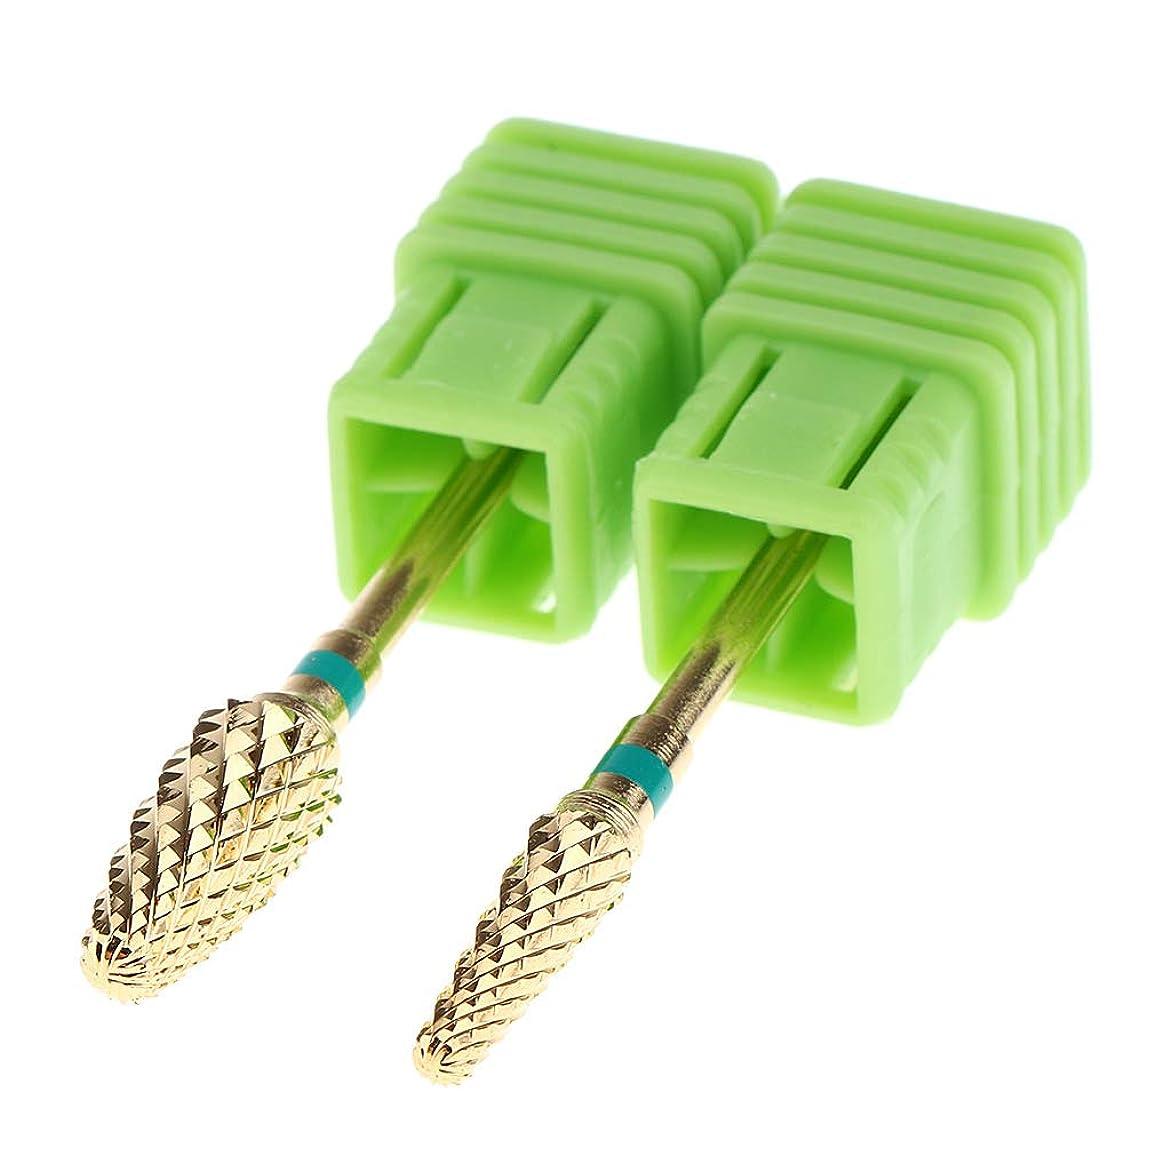 再生可能メダルビザCUTICATE 全3色 ネイルアートのため ネイルアート ネイルドリル ビット 研磨研削ヘッドツール - 緑